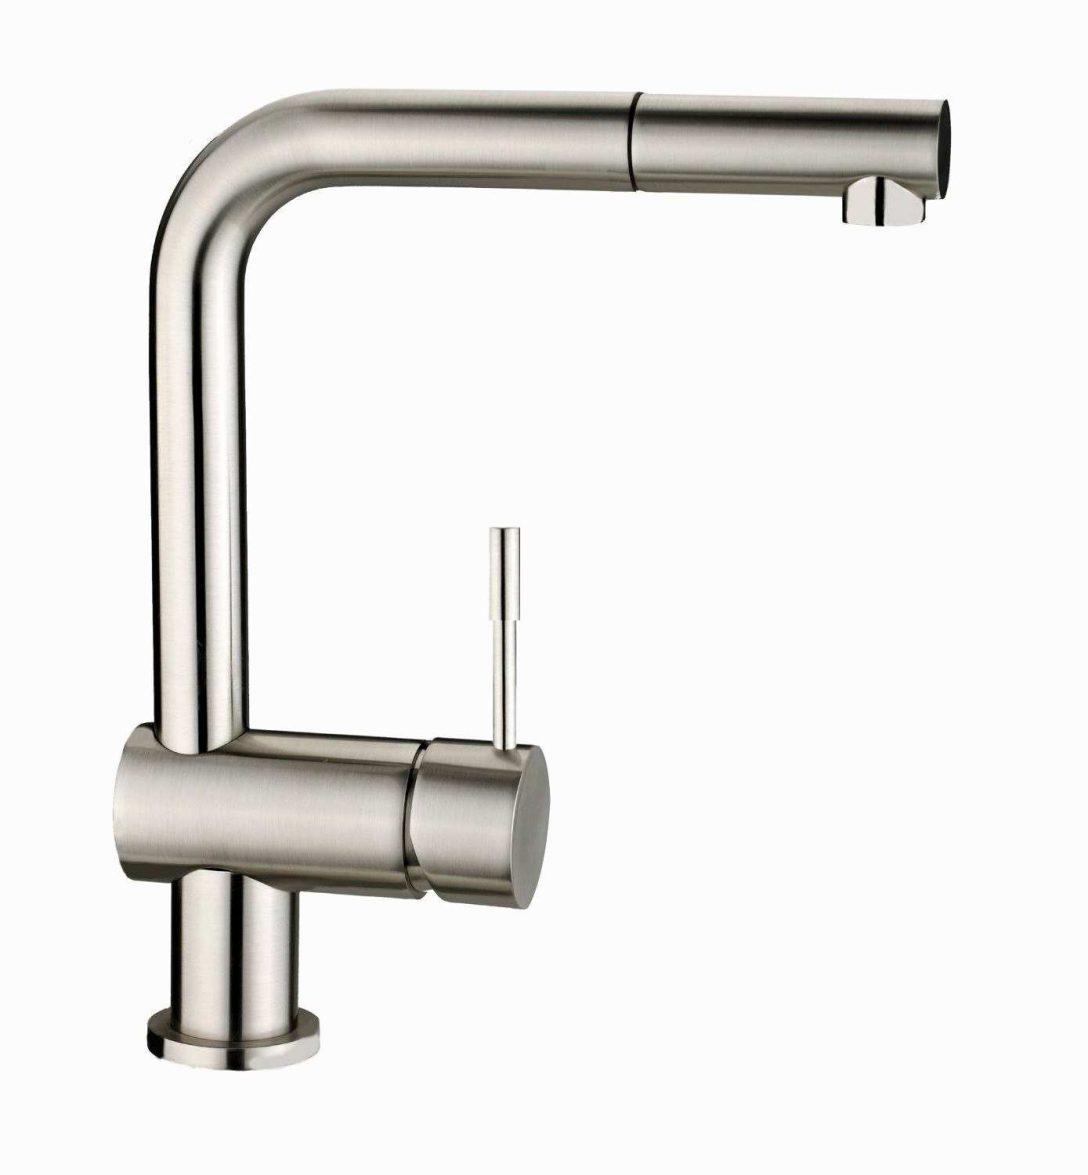 Large Size of Küche Wasserhahn Grohe Luxus Top Ergebnis 20 Luxus Grohe Niederdruck Armatur Küche Bilder 2018 Küche Küche Wasserhahn